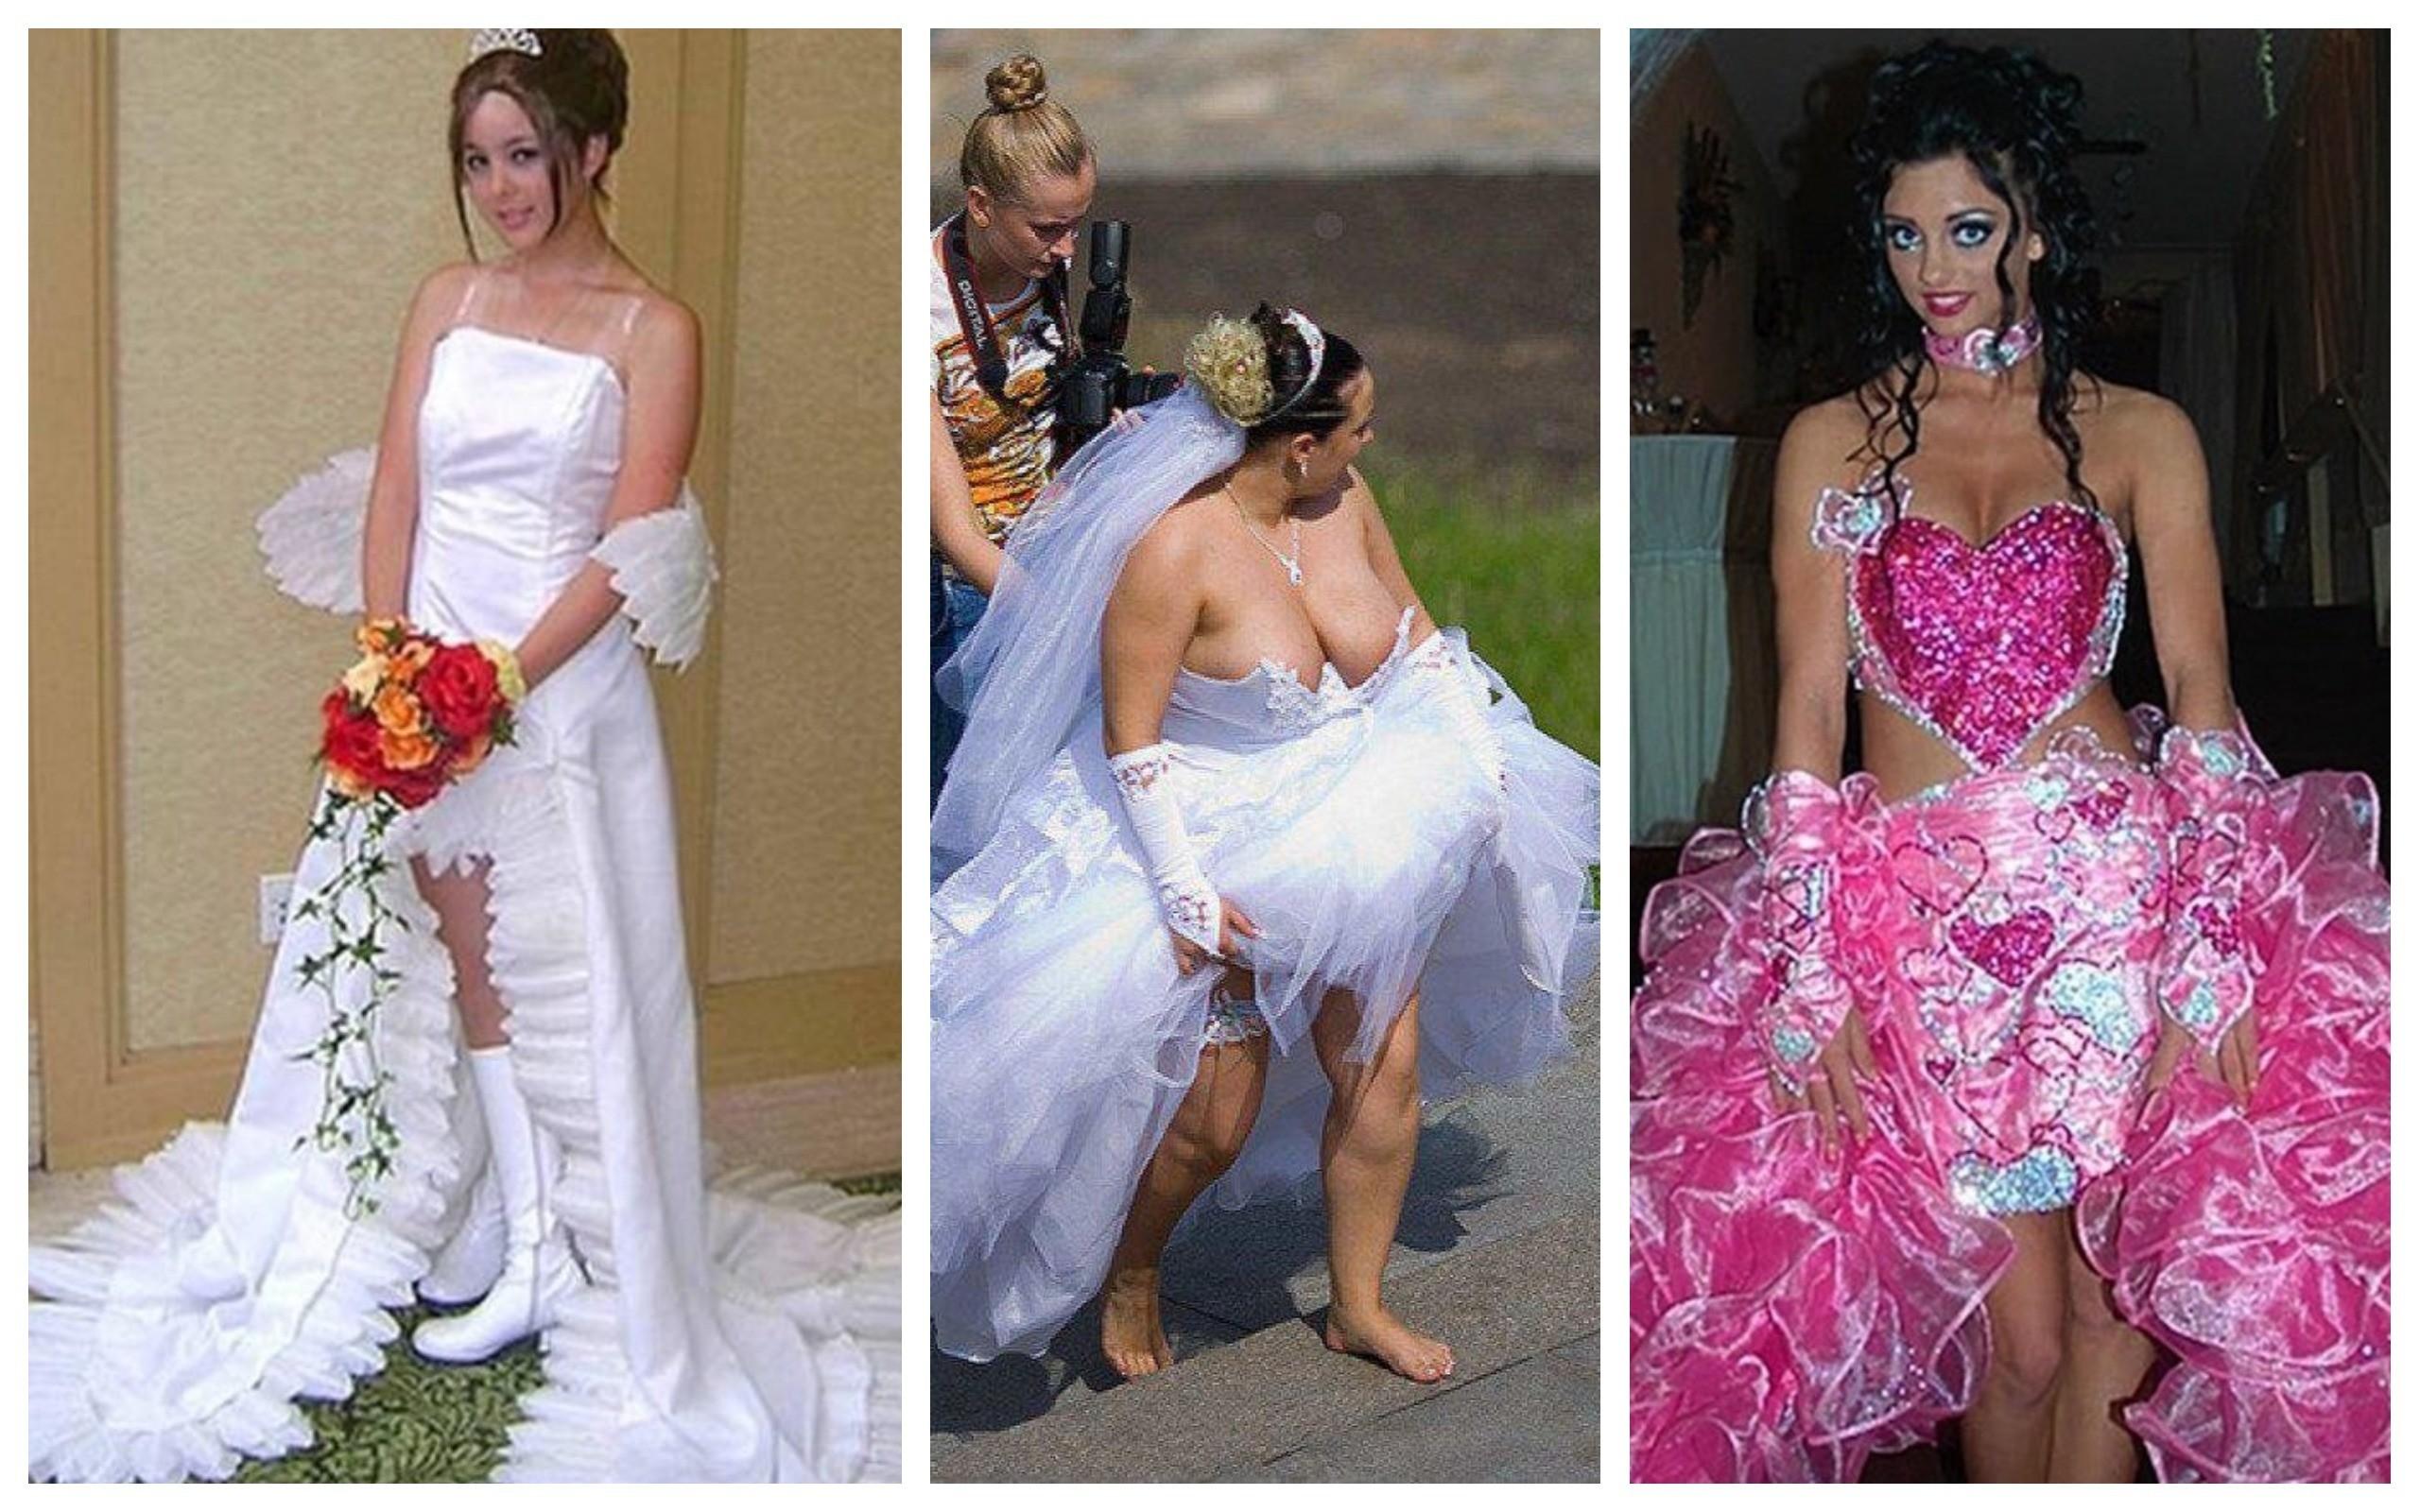 foto-goloy-neudachnoy-svadbi-foto-znamenitostey-v-pleyboy